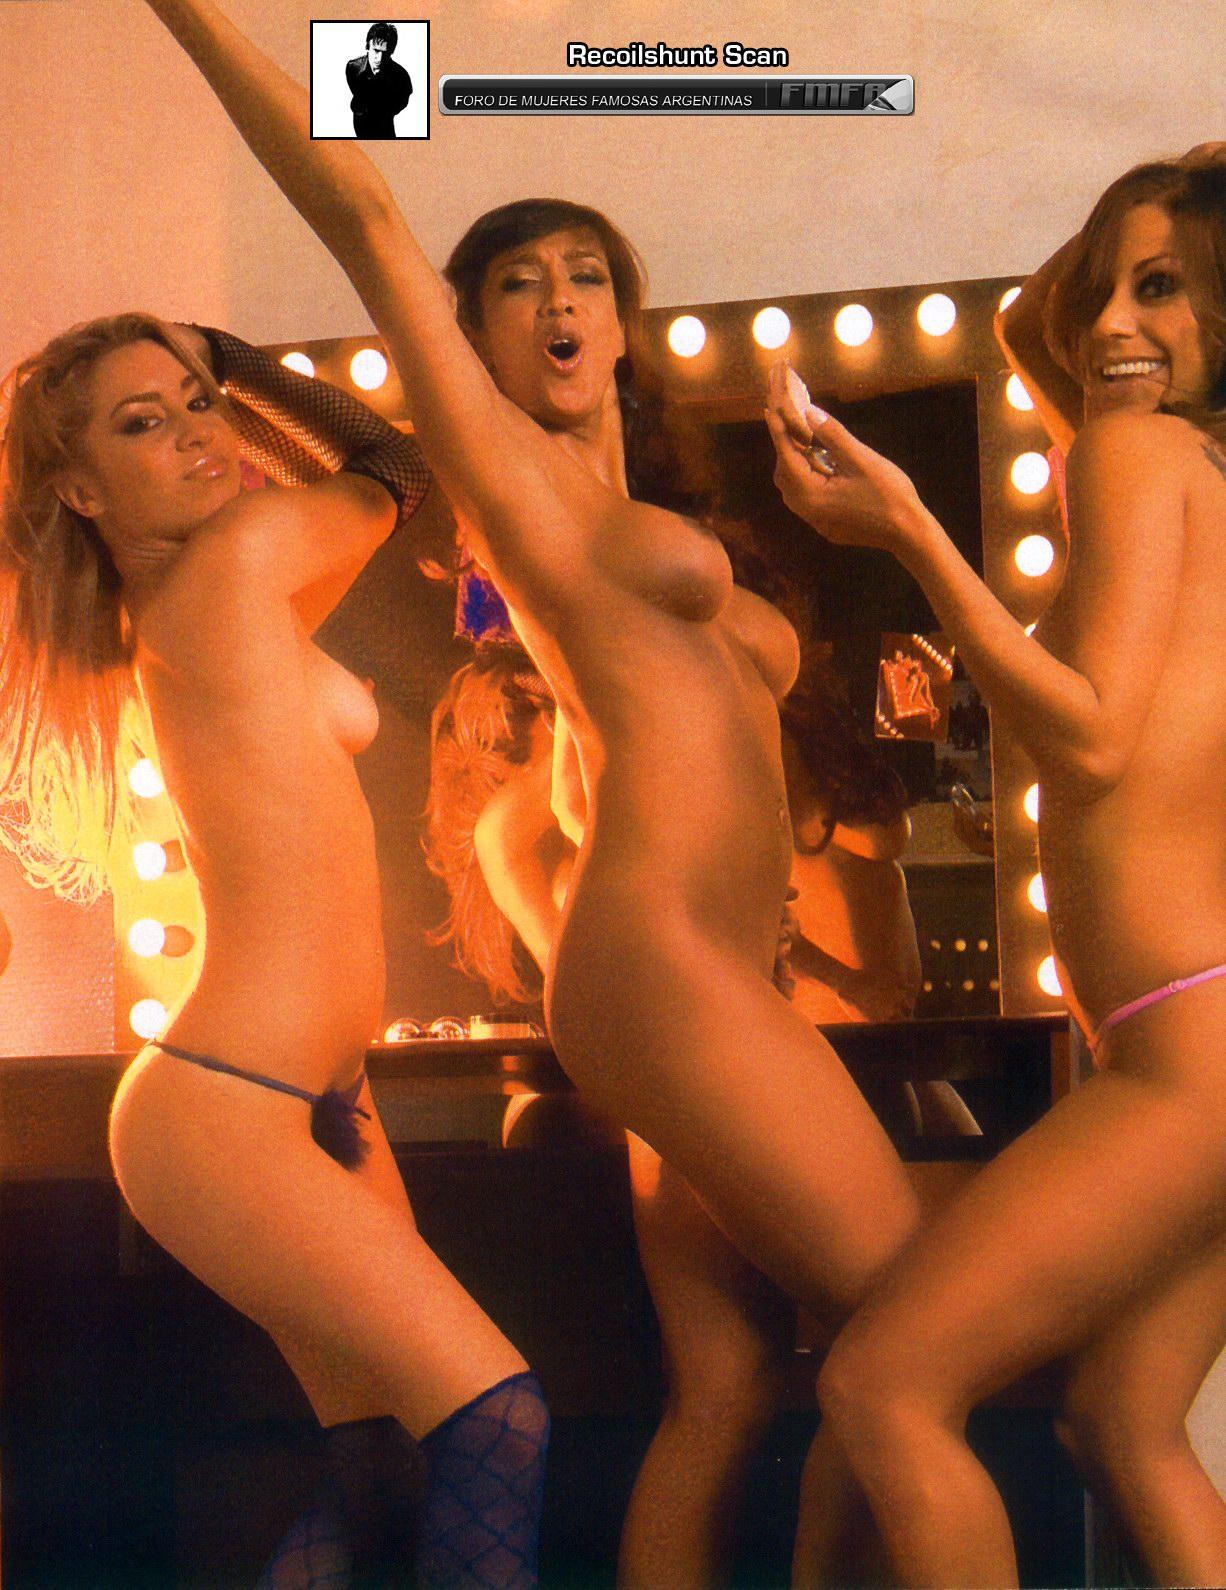 Bailarinas de ShowMach (desnudas)